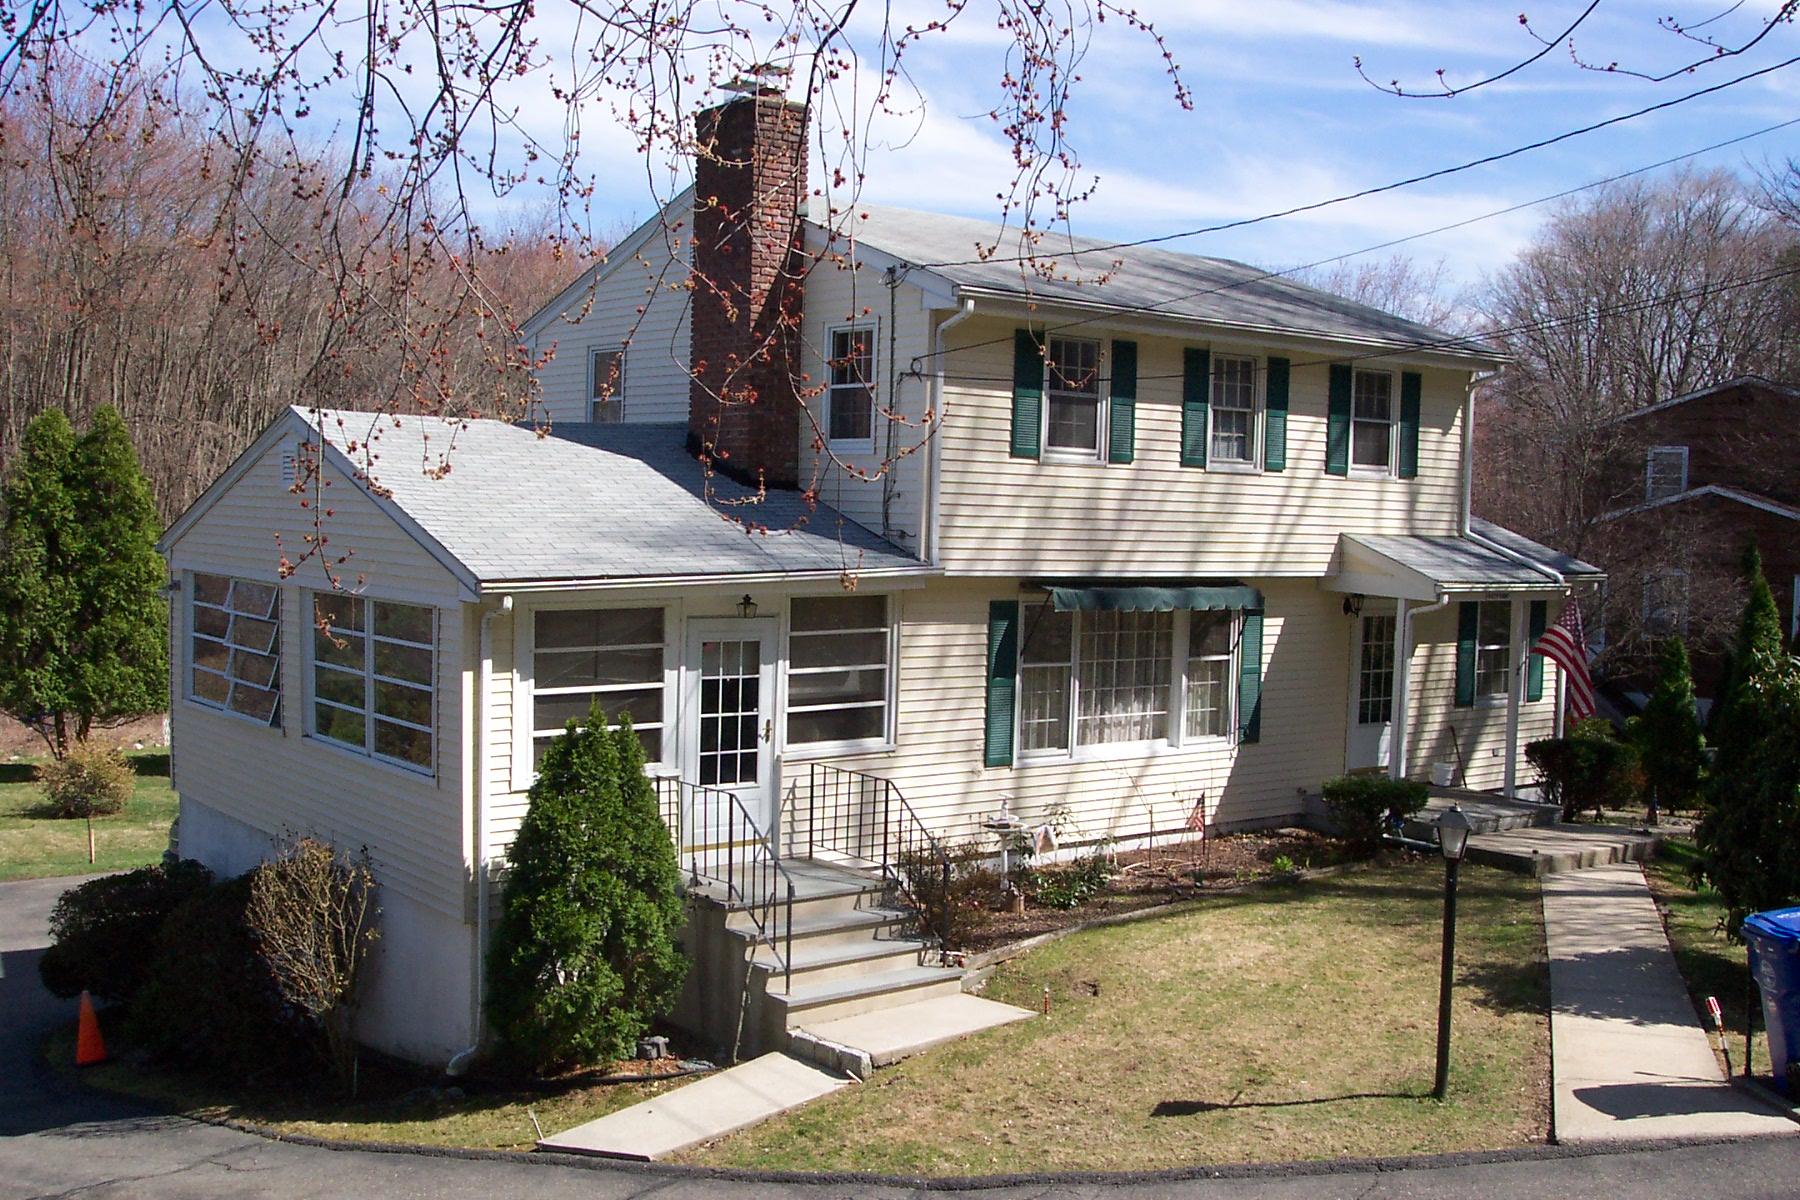 Частный односемейный дом для того Продажа на 68 East Rocks Road Norwalk, Коннектикут 06851 Соединенные Штаты